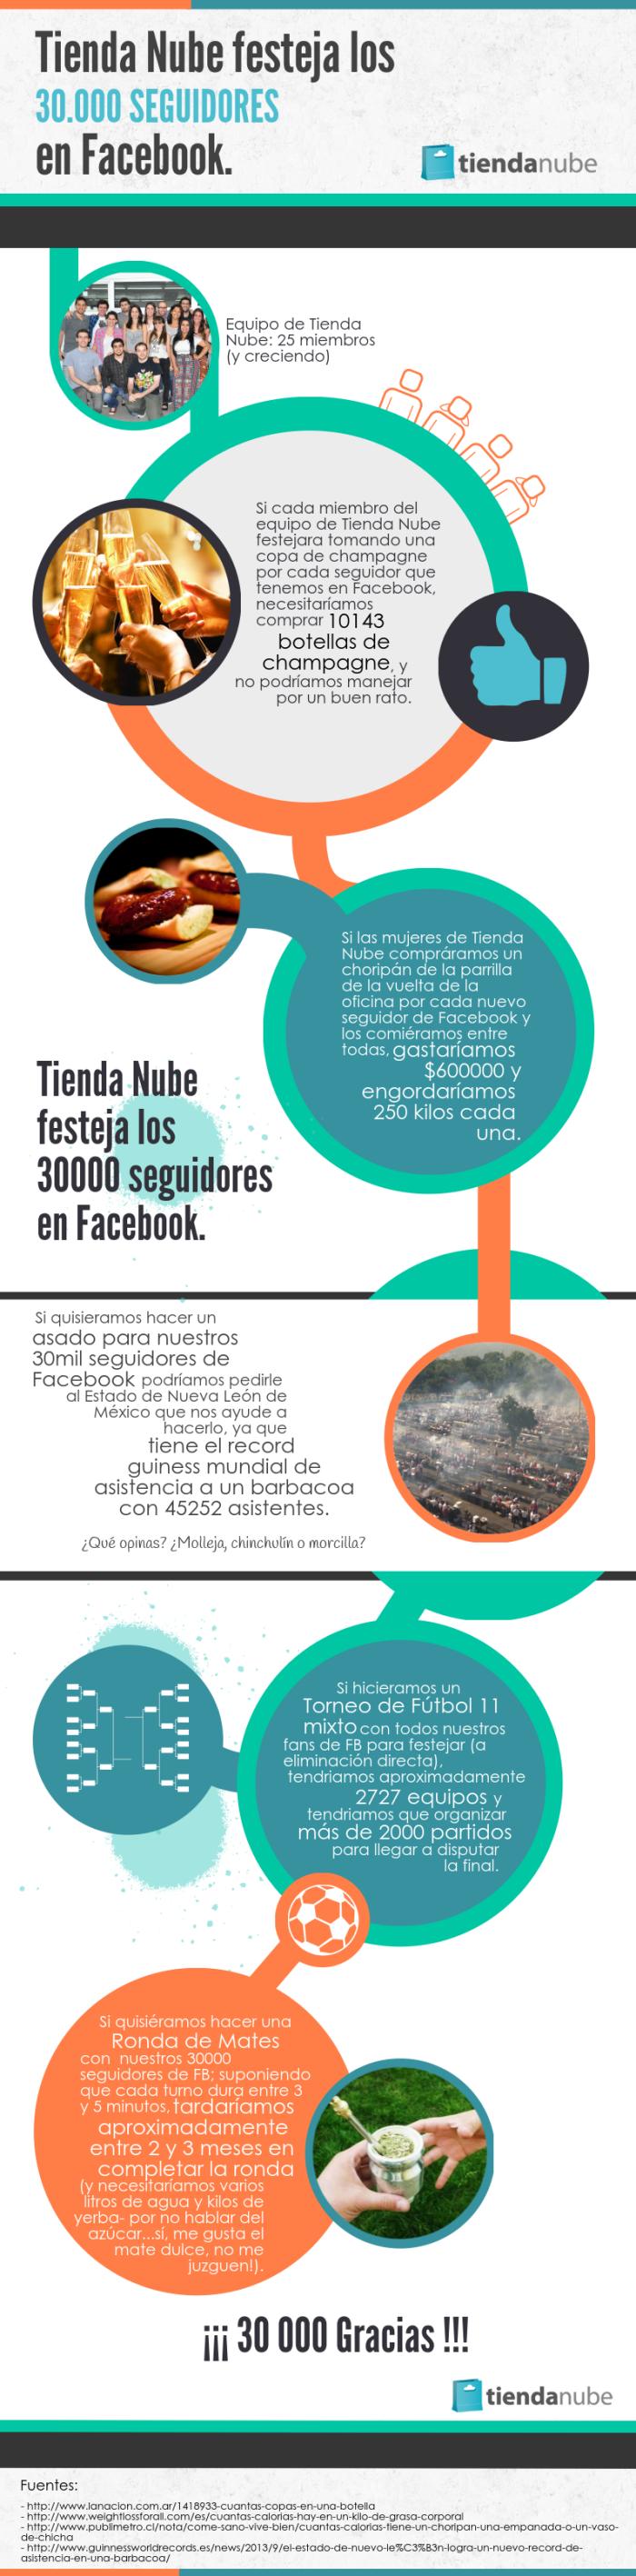 Tienda Nube festeja los 30 mil seguidores en Facebook